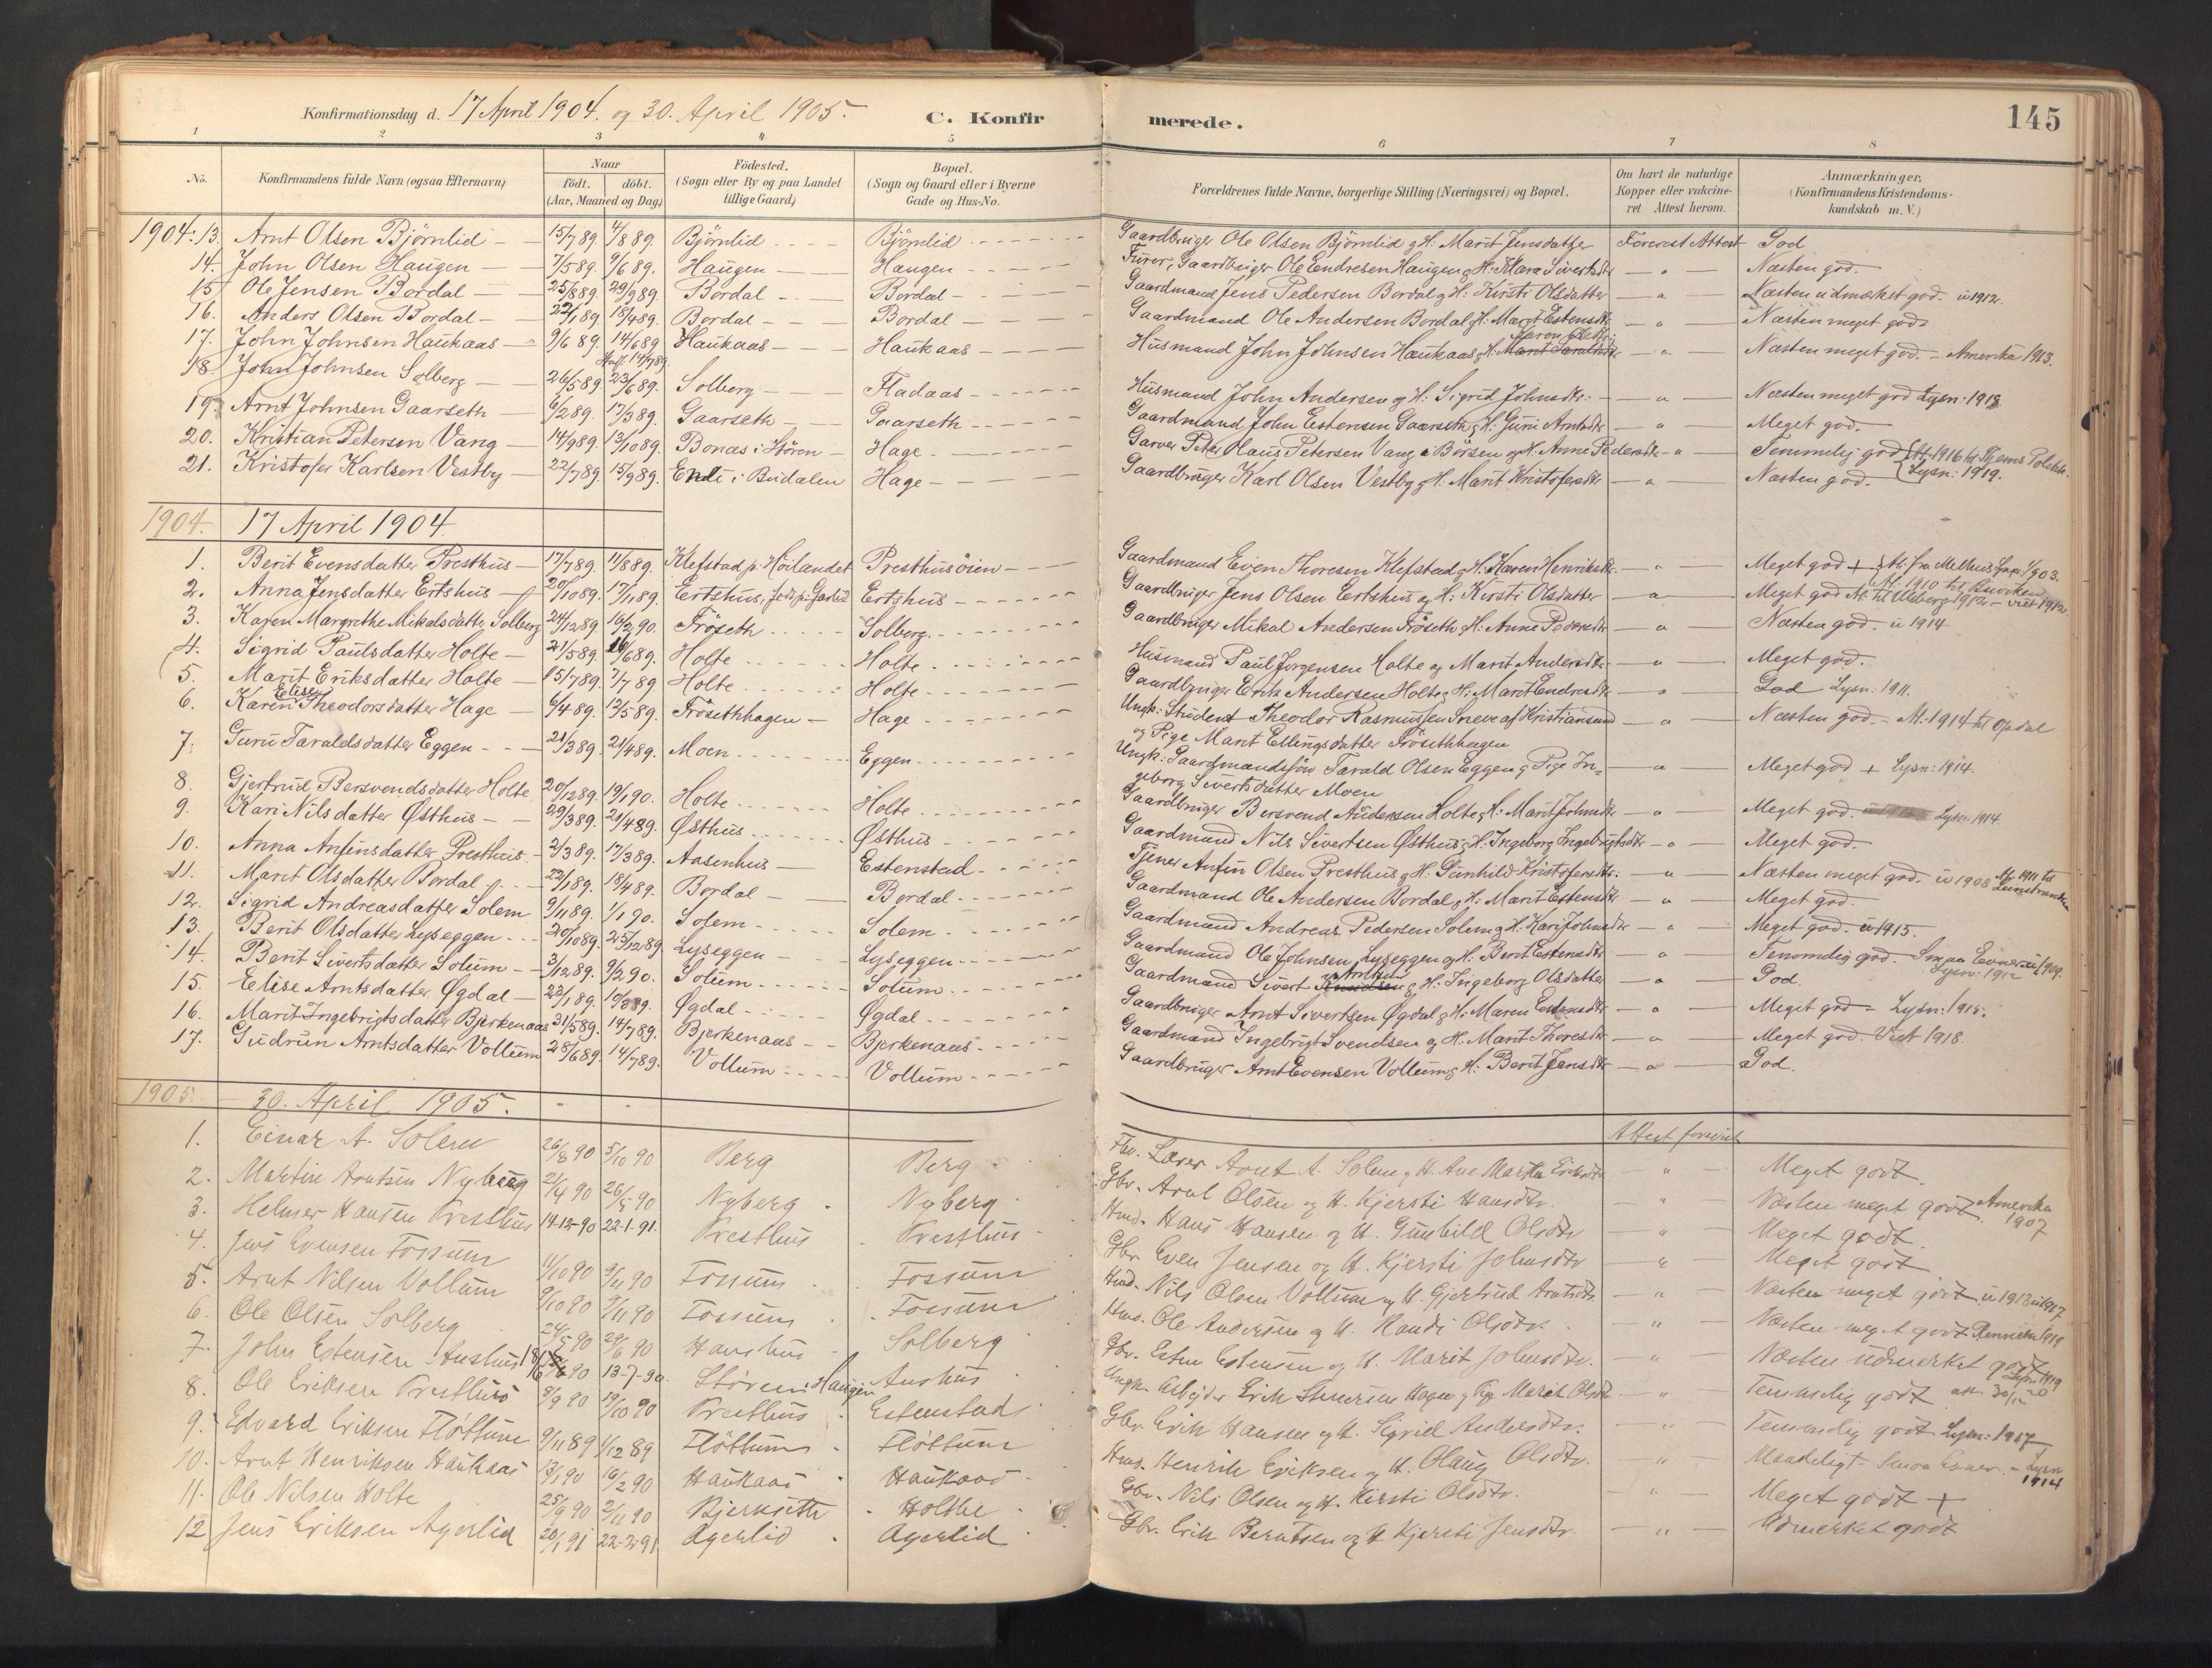 SAT, Ministerialprotokoller, klokkerbøker og fødselsregistre - Sør-Trøndelag, 689/L1041: Ministerialbok nr. 689A06, 1891-1923, s. 145